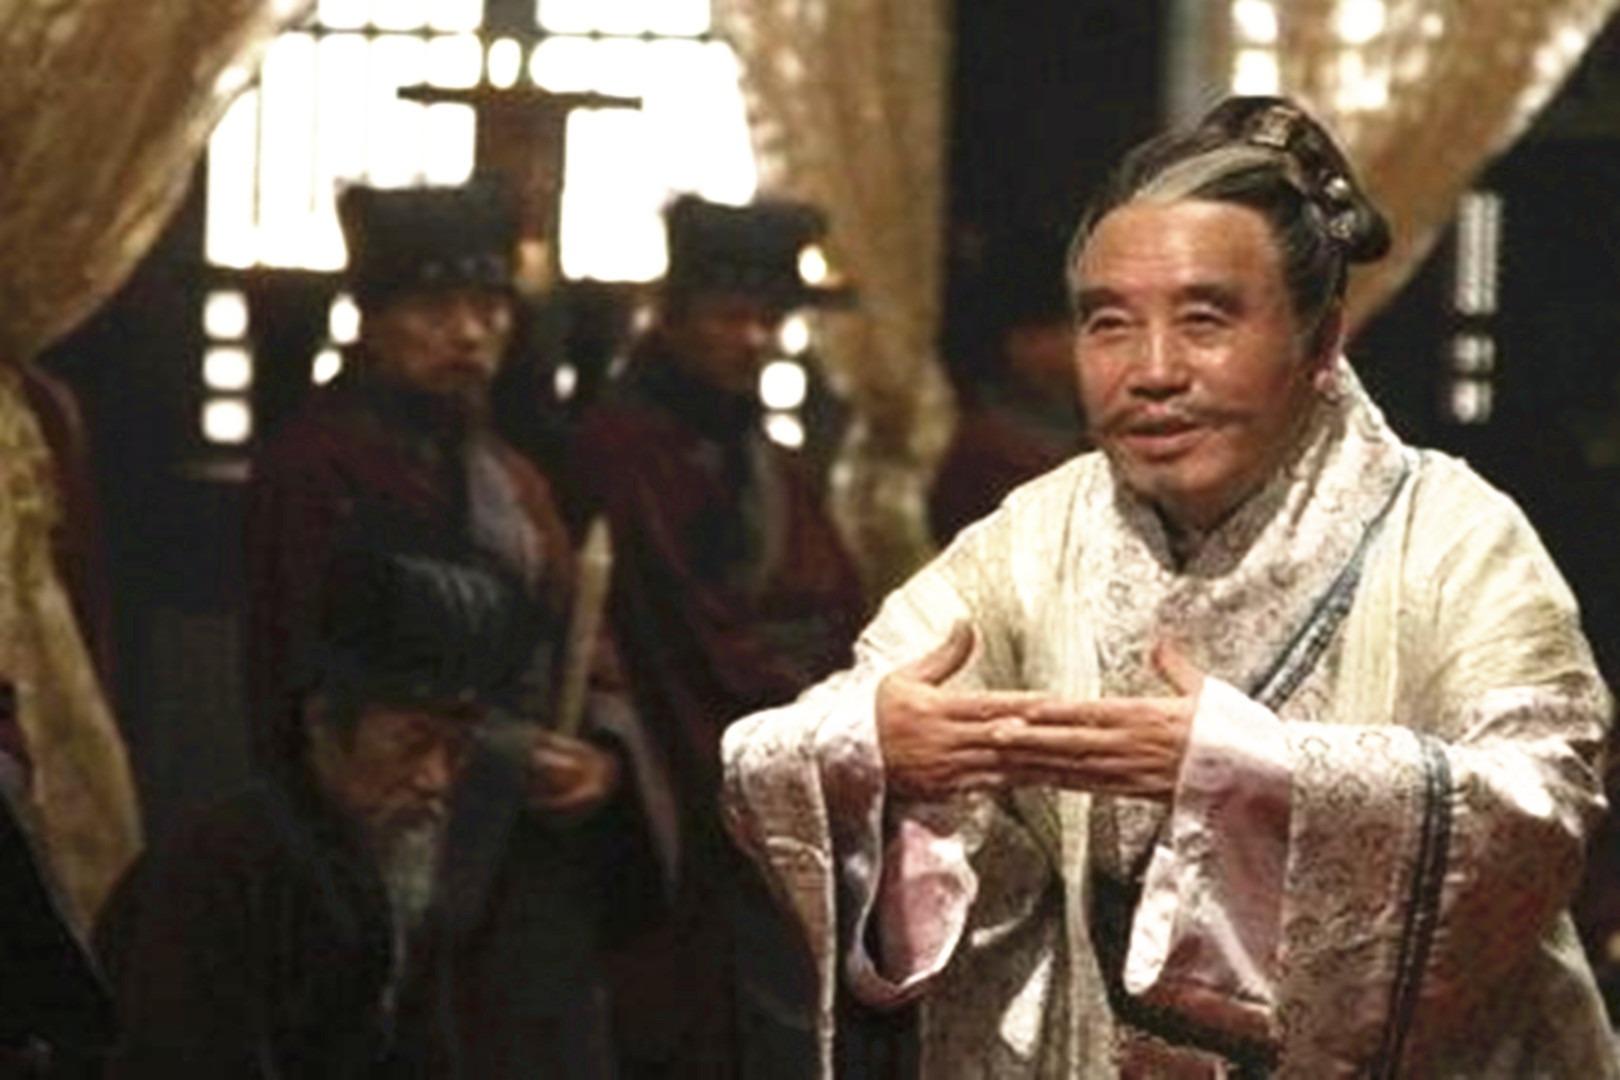 此人对安定汉初局势做出了巨大贡献,能力出众,但知名度却不高